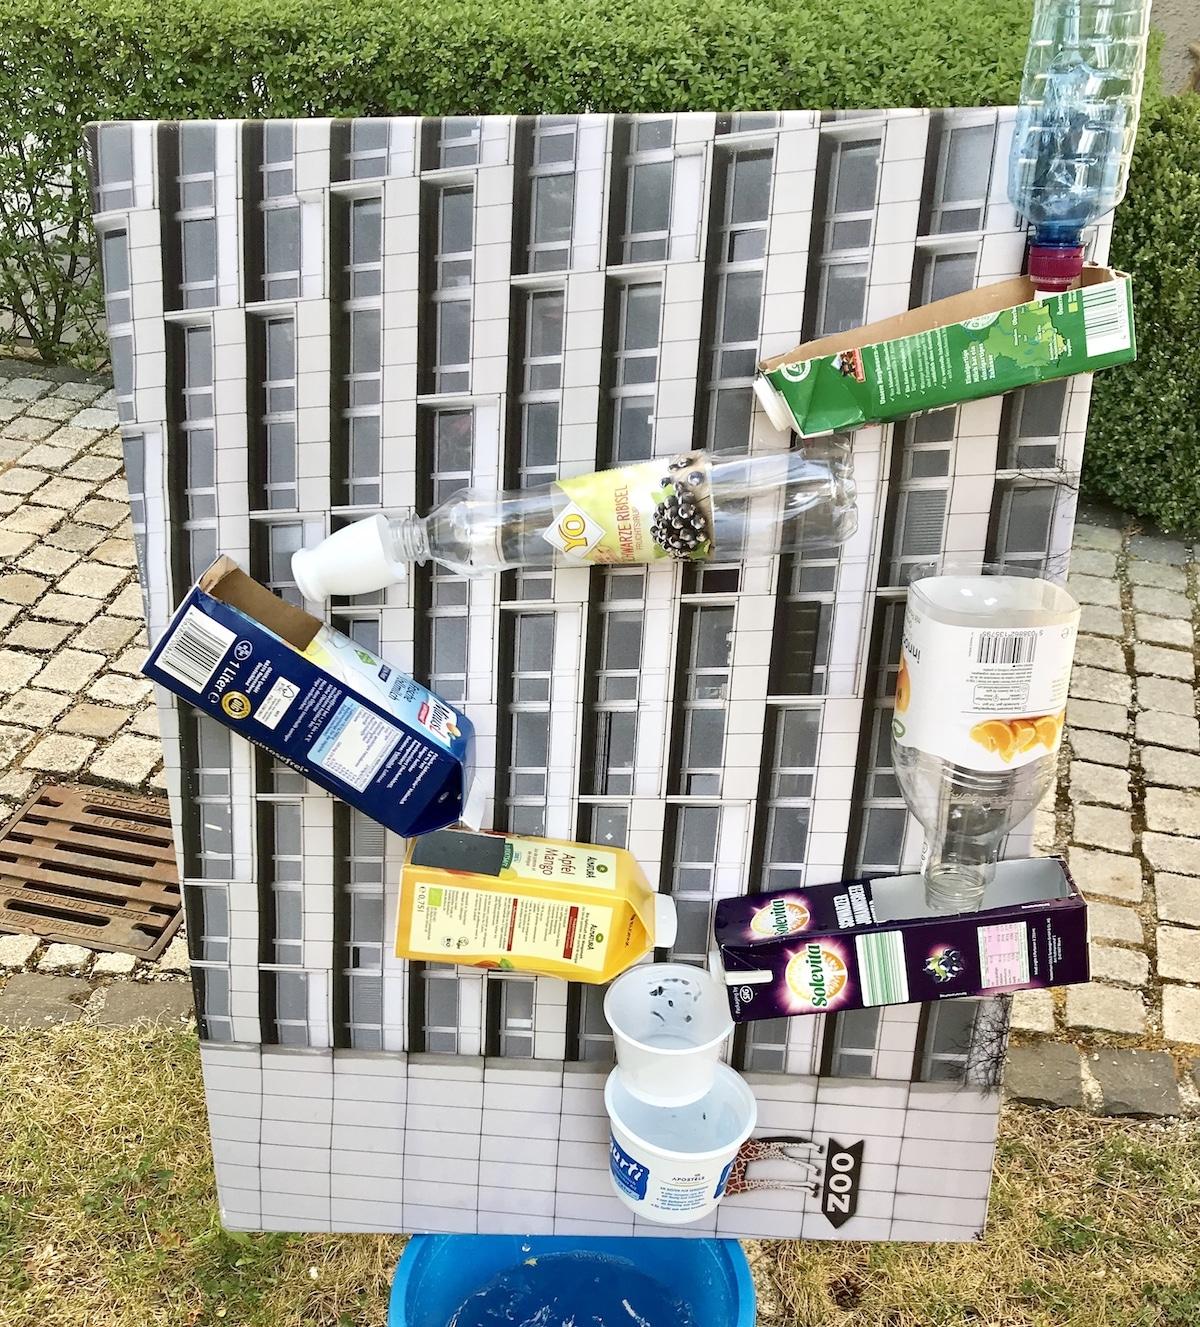 Wasserfall aus Verpackungsmaterial bauen, Wasserspiel für draußen, umweltfreundlich, Upcycling